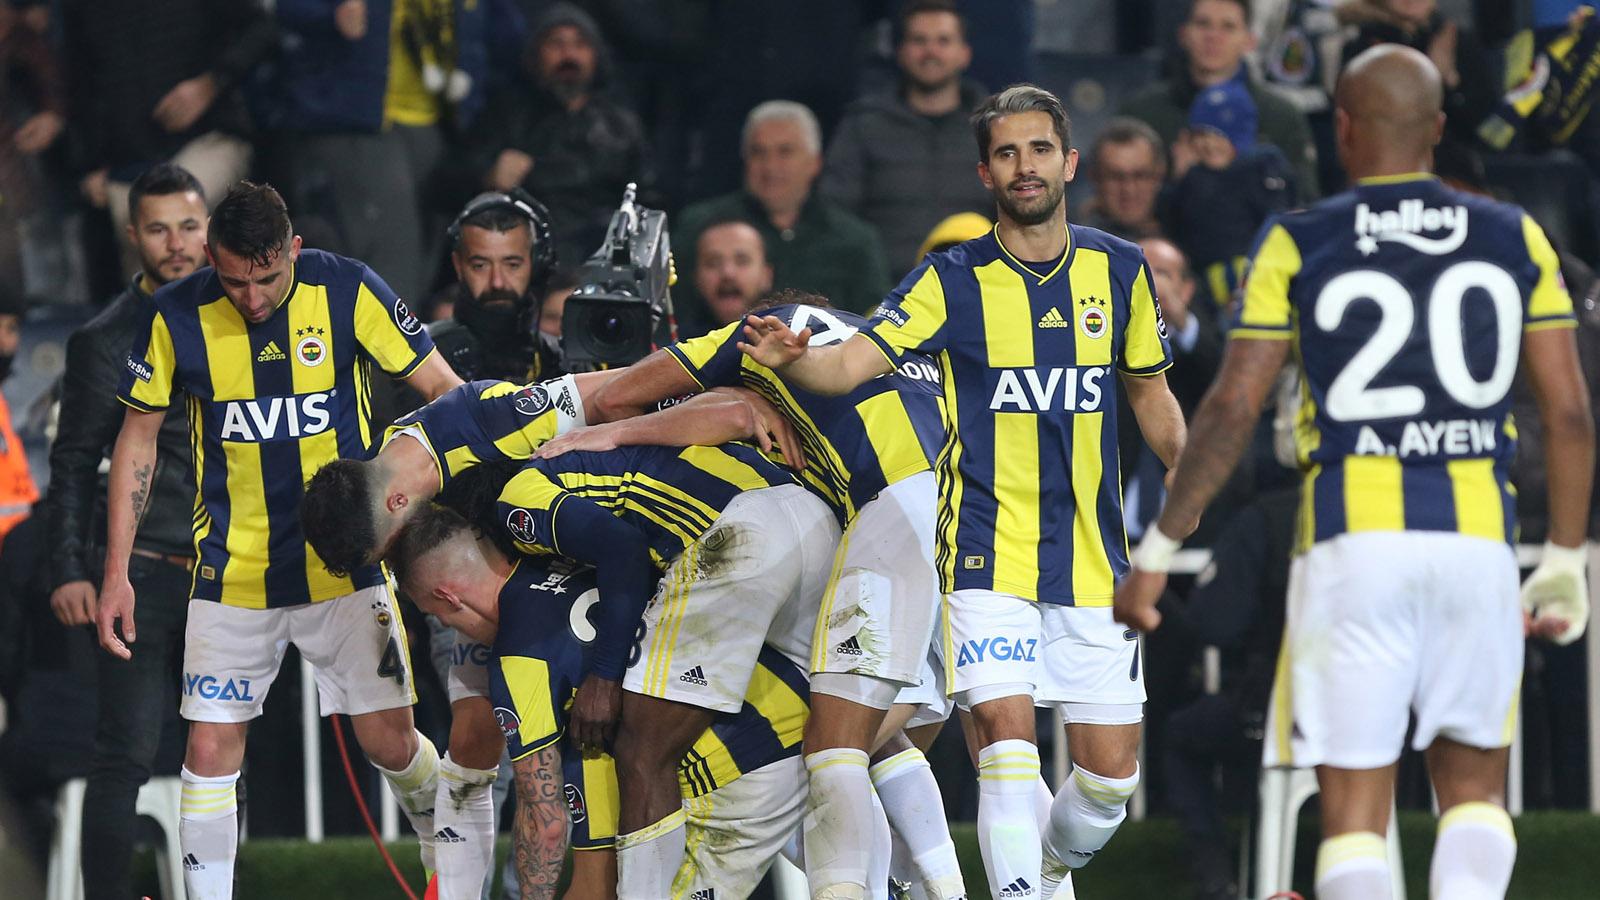 Fenerbahçemiz MKE Ankaragücü karşısında